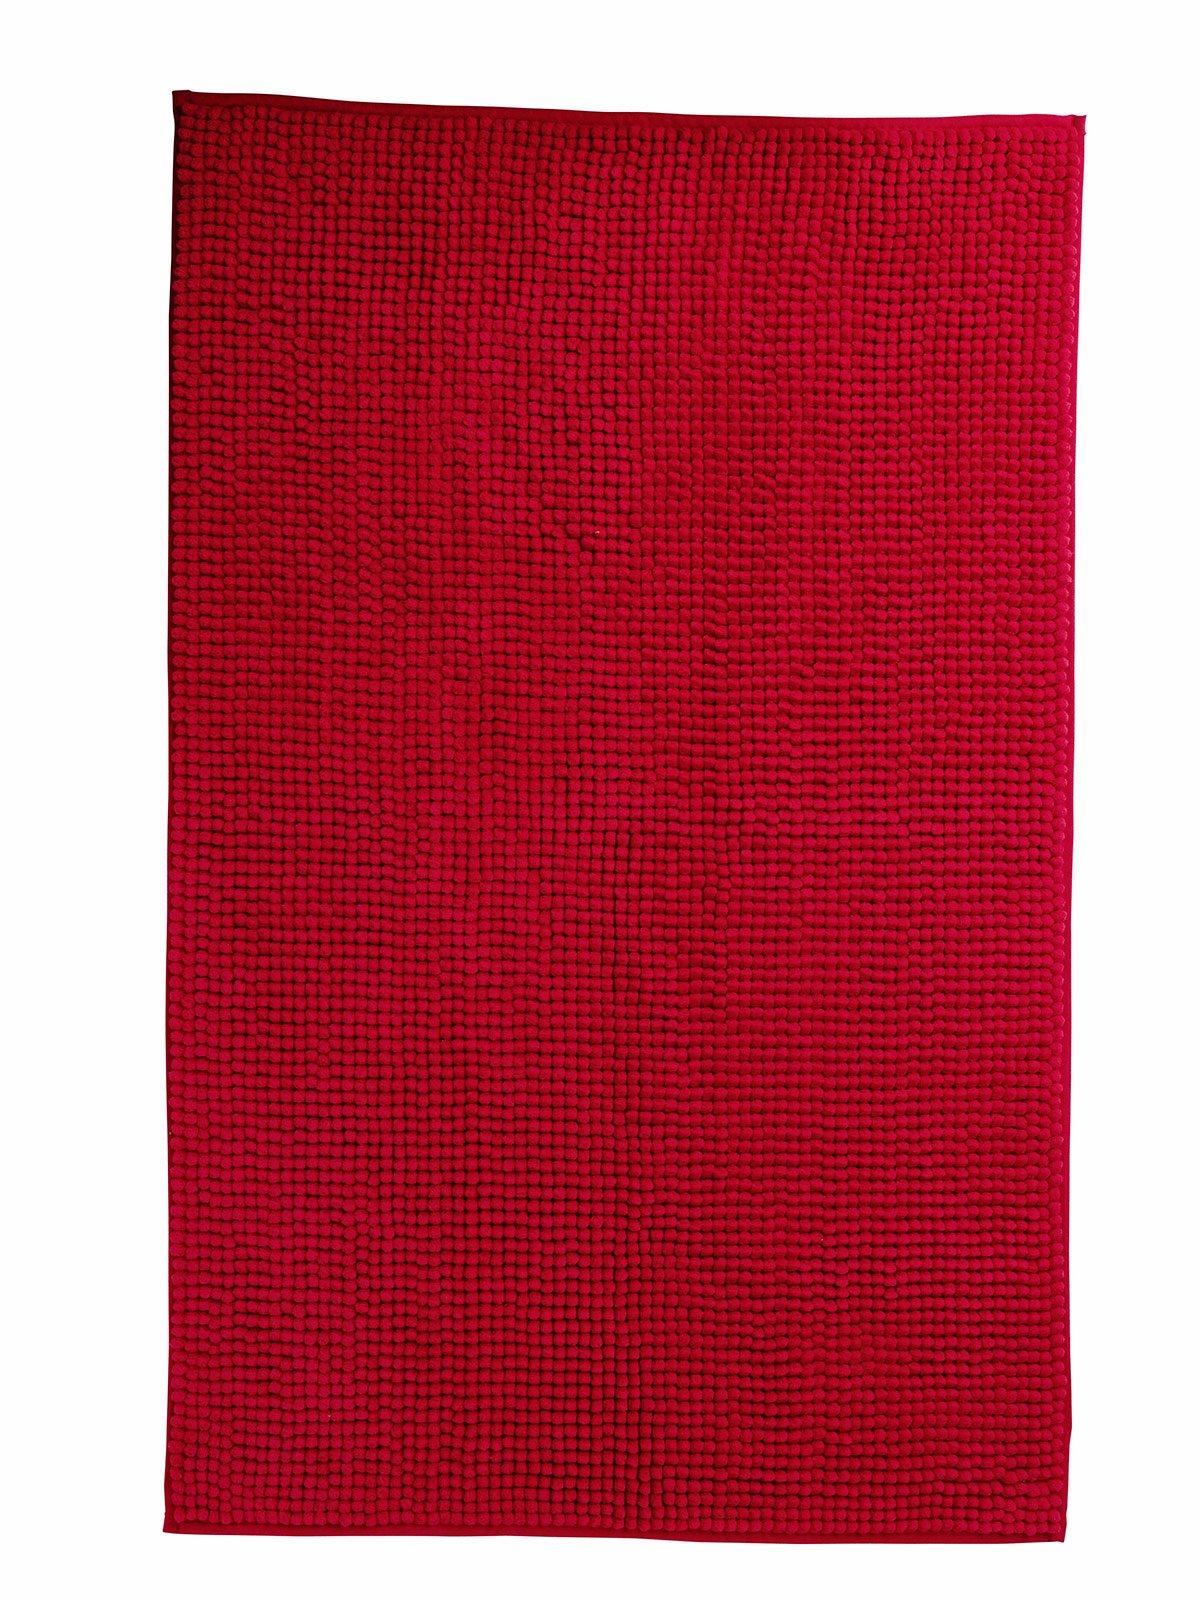 Bagno rosso per piastrelle sanitari complementi cose - Mobile bagno rosso ikea ...